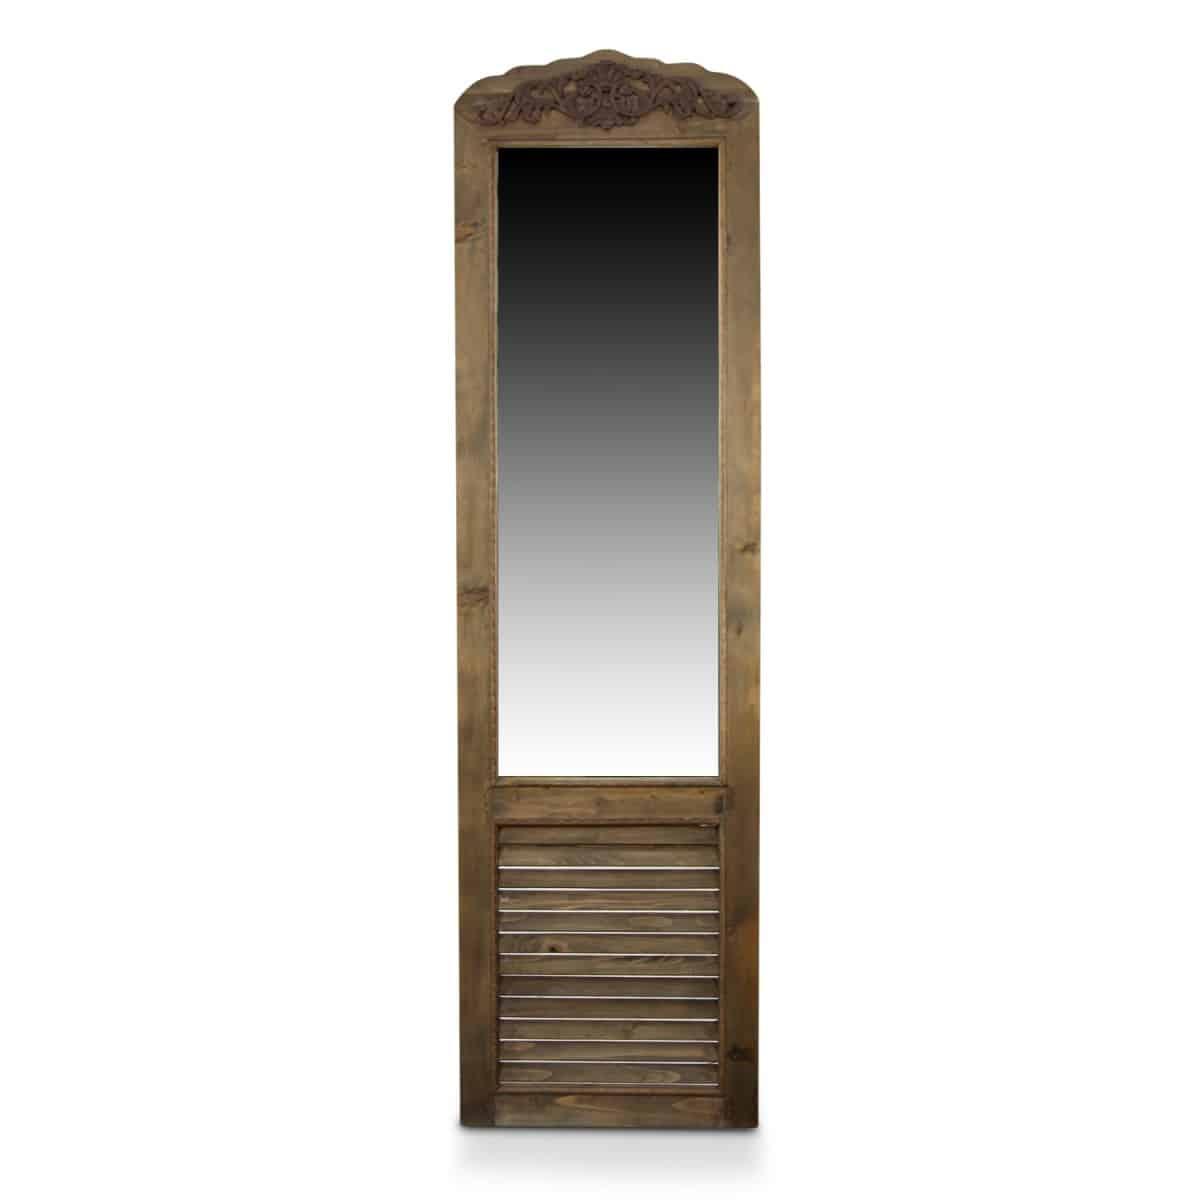 Miroir Ancien Rectangulaire Vertical Sur Pied Bois 48.5x5x170cm - Marron